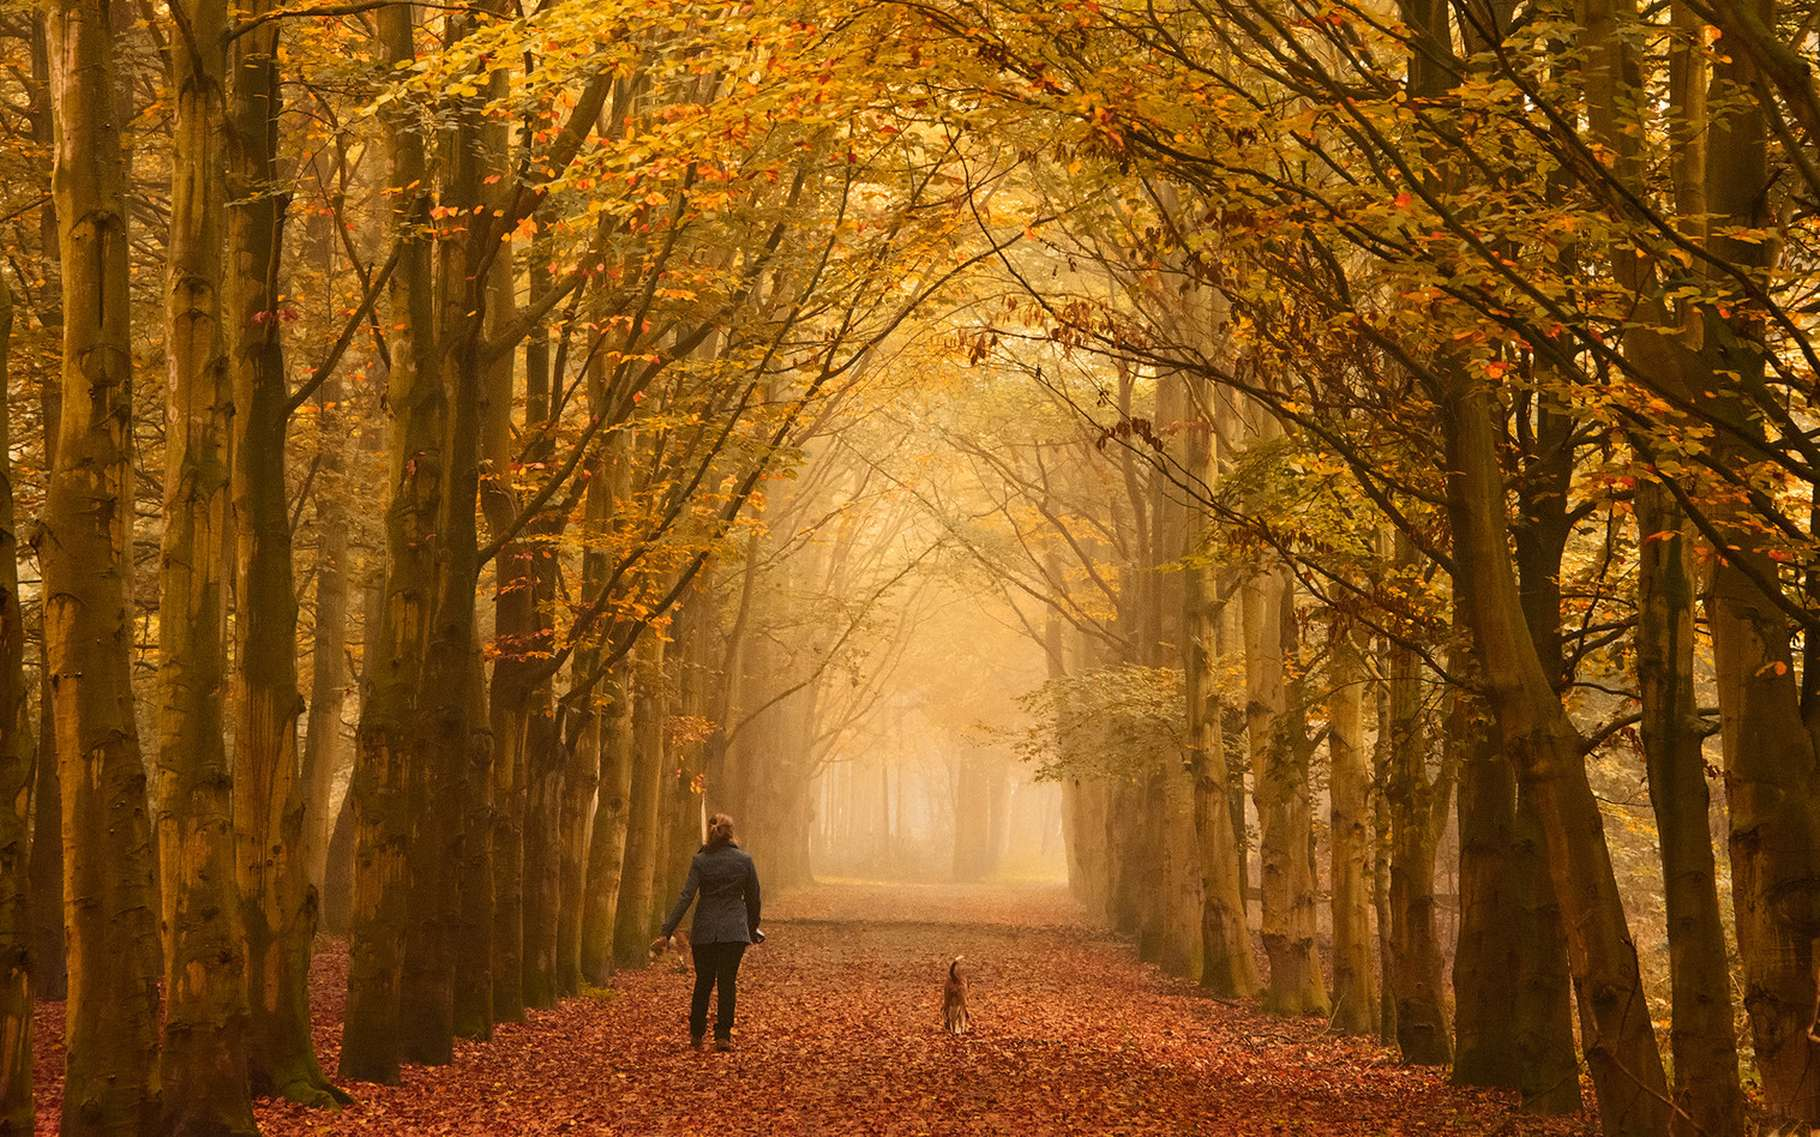 Pour les habitants de l'hémisphère Nord, l'équinoxe d'automne marque la fin de l'été et le début d'une nouvelle saison lors de laquelle les arbres perdent leurs feuilles. © iPics, Shutterstock